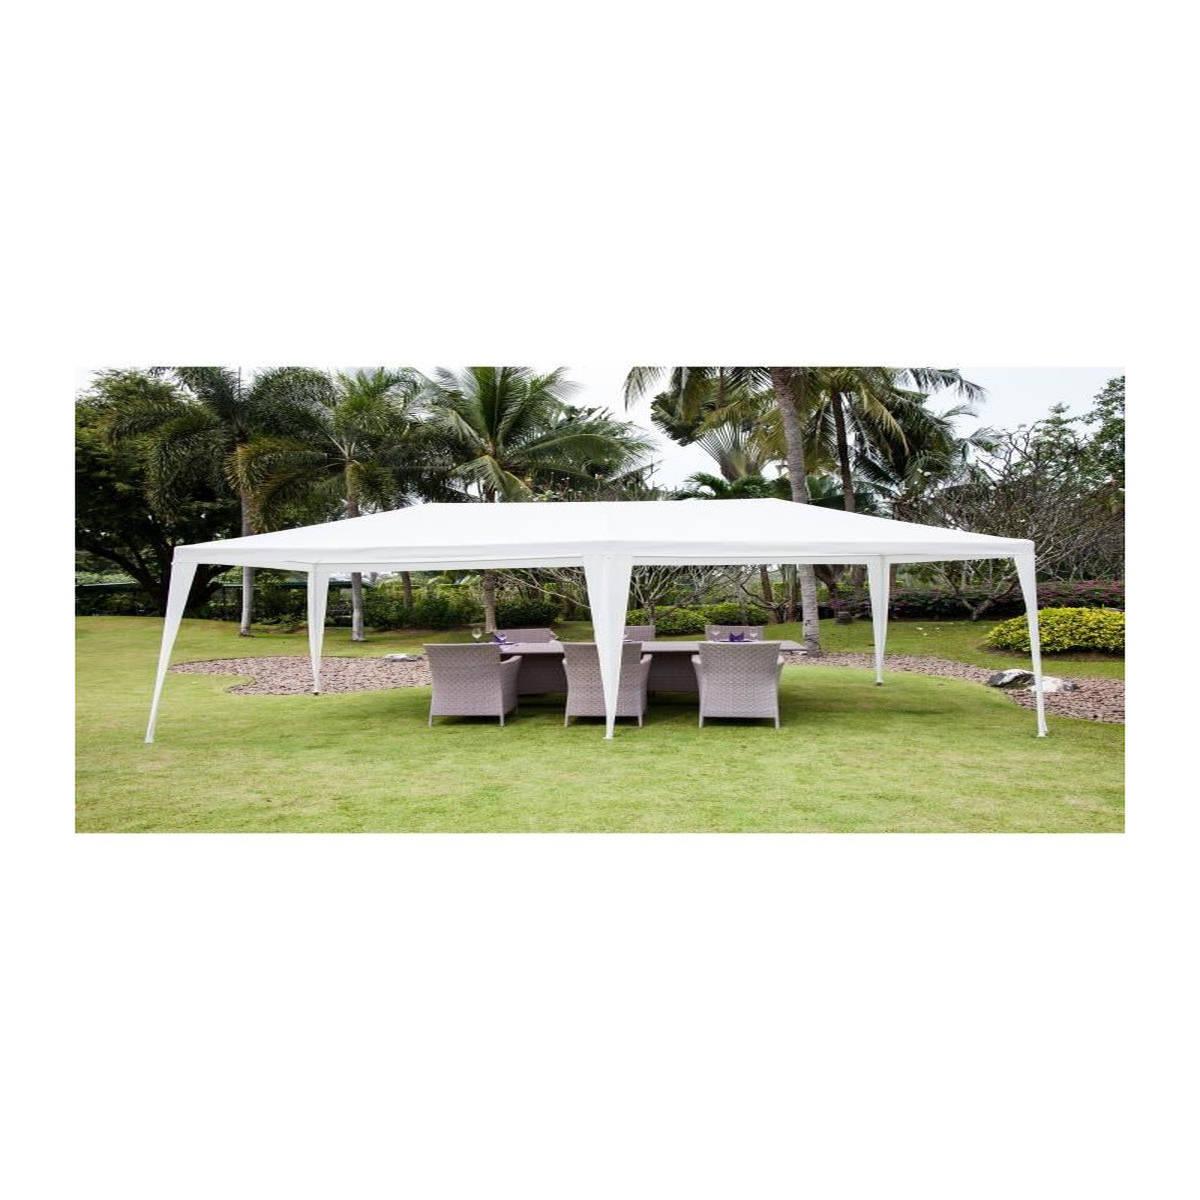 Tonnelle De Jardin Adda - En Acier , Tonnelle De Jardin Adda - En Acier  Toile Polyester - 3 X 6 M - Blanc Tati.fr à Prix D Une Tonnelle De Jardin